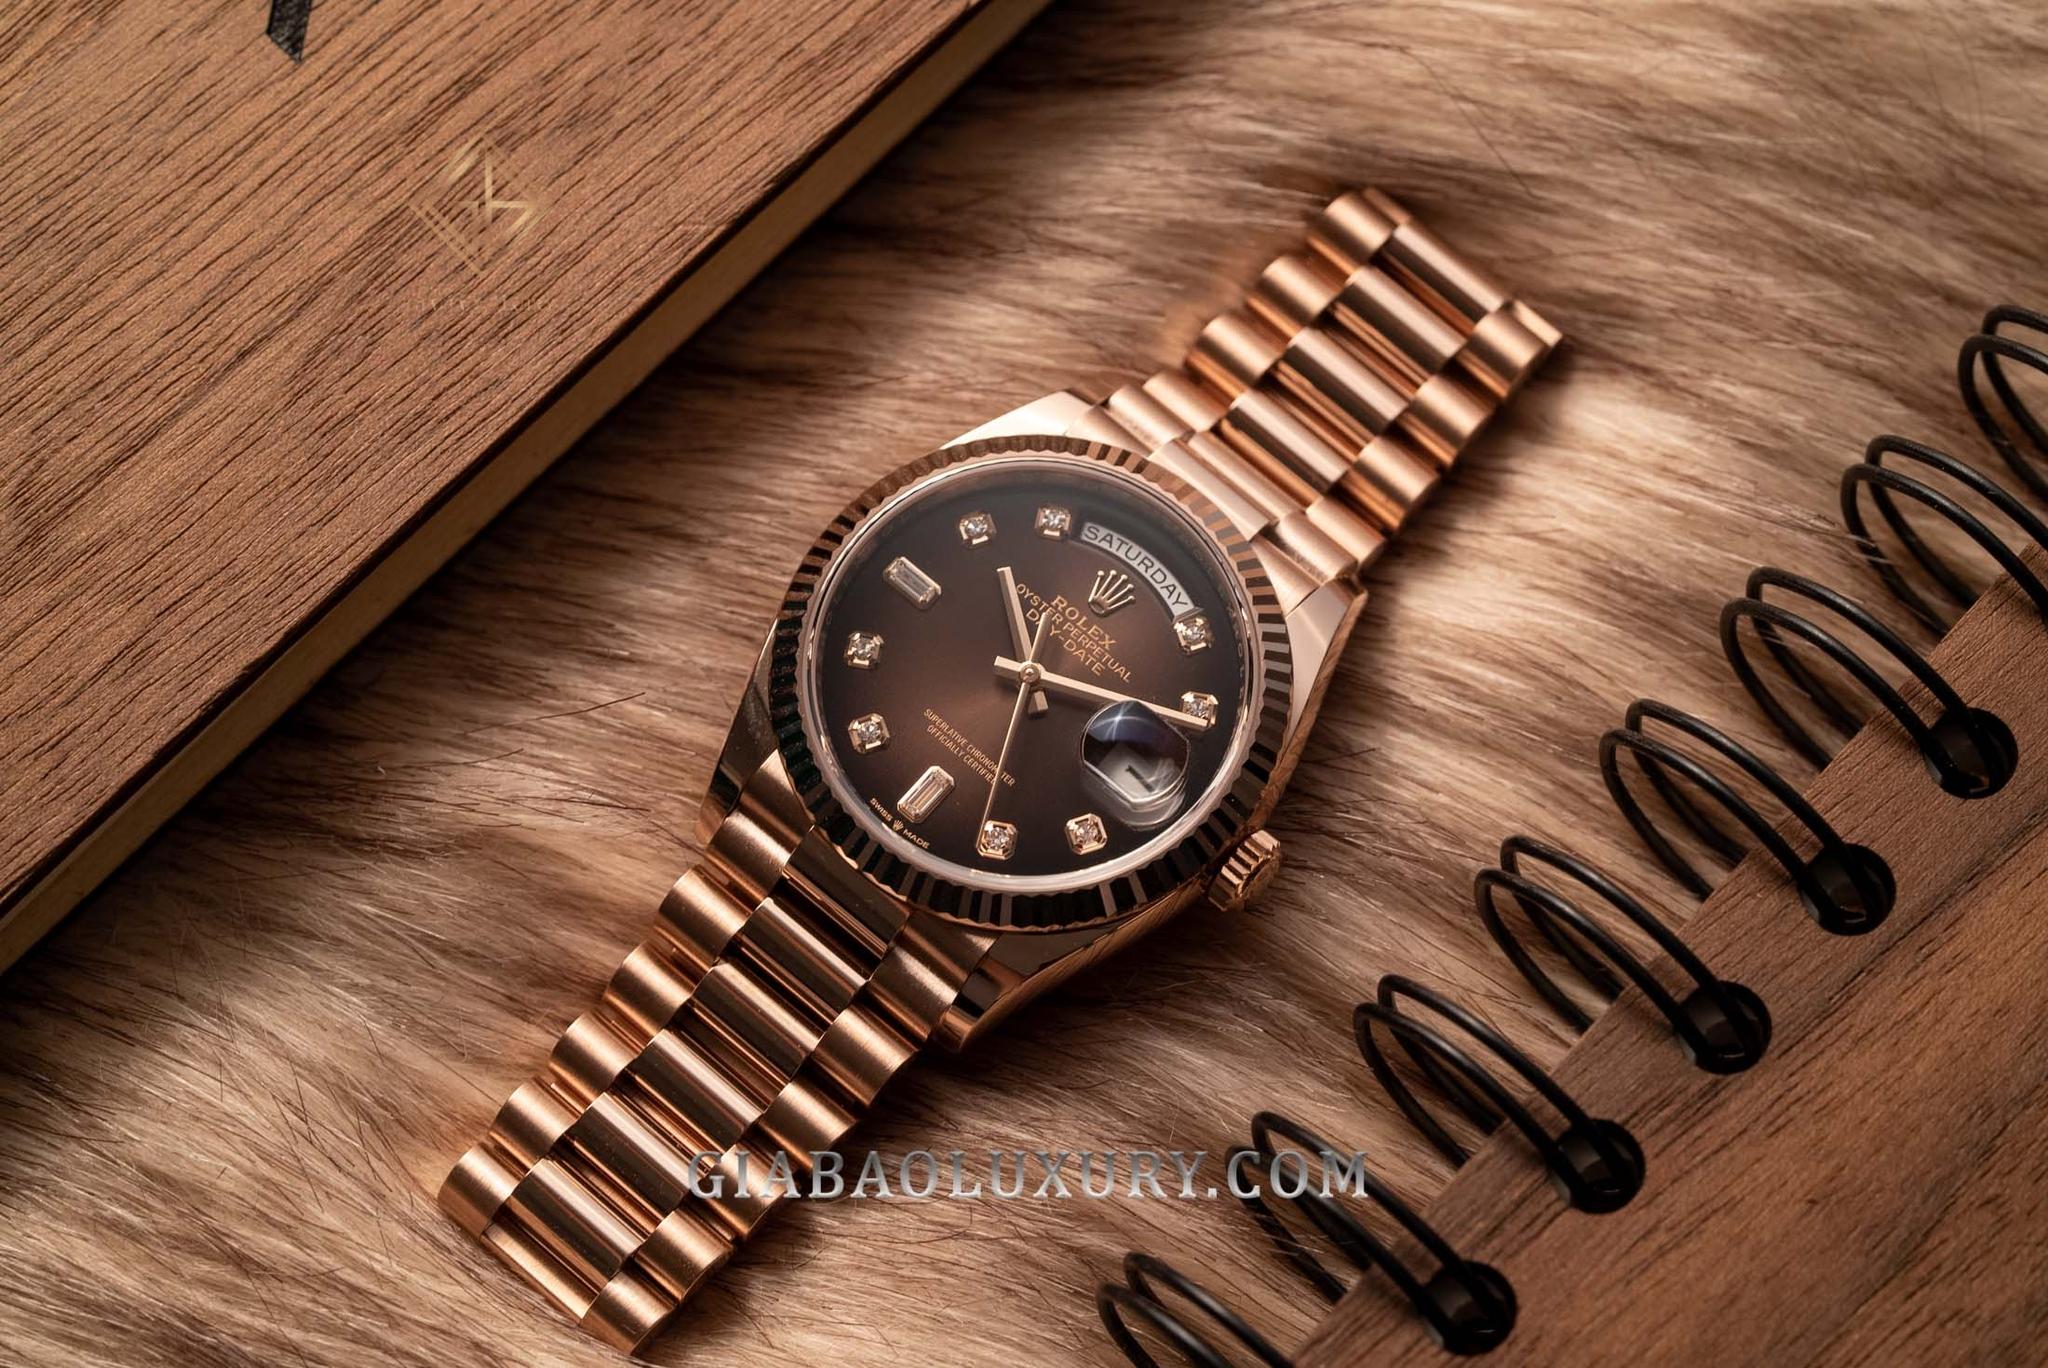 Review đồng hồ Rolex Day-Date 128235: Vàng Everose mặt chocolate - Sự kết hợp mang tính cộng hưởng